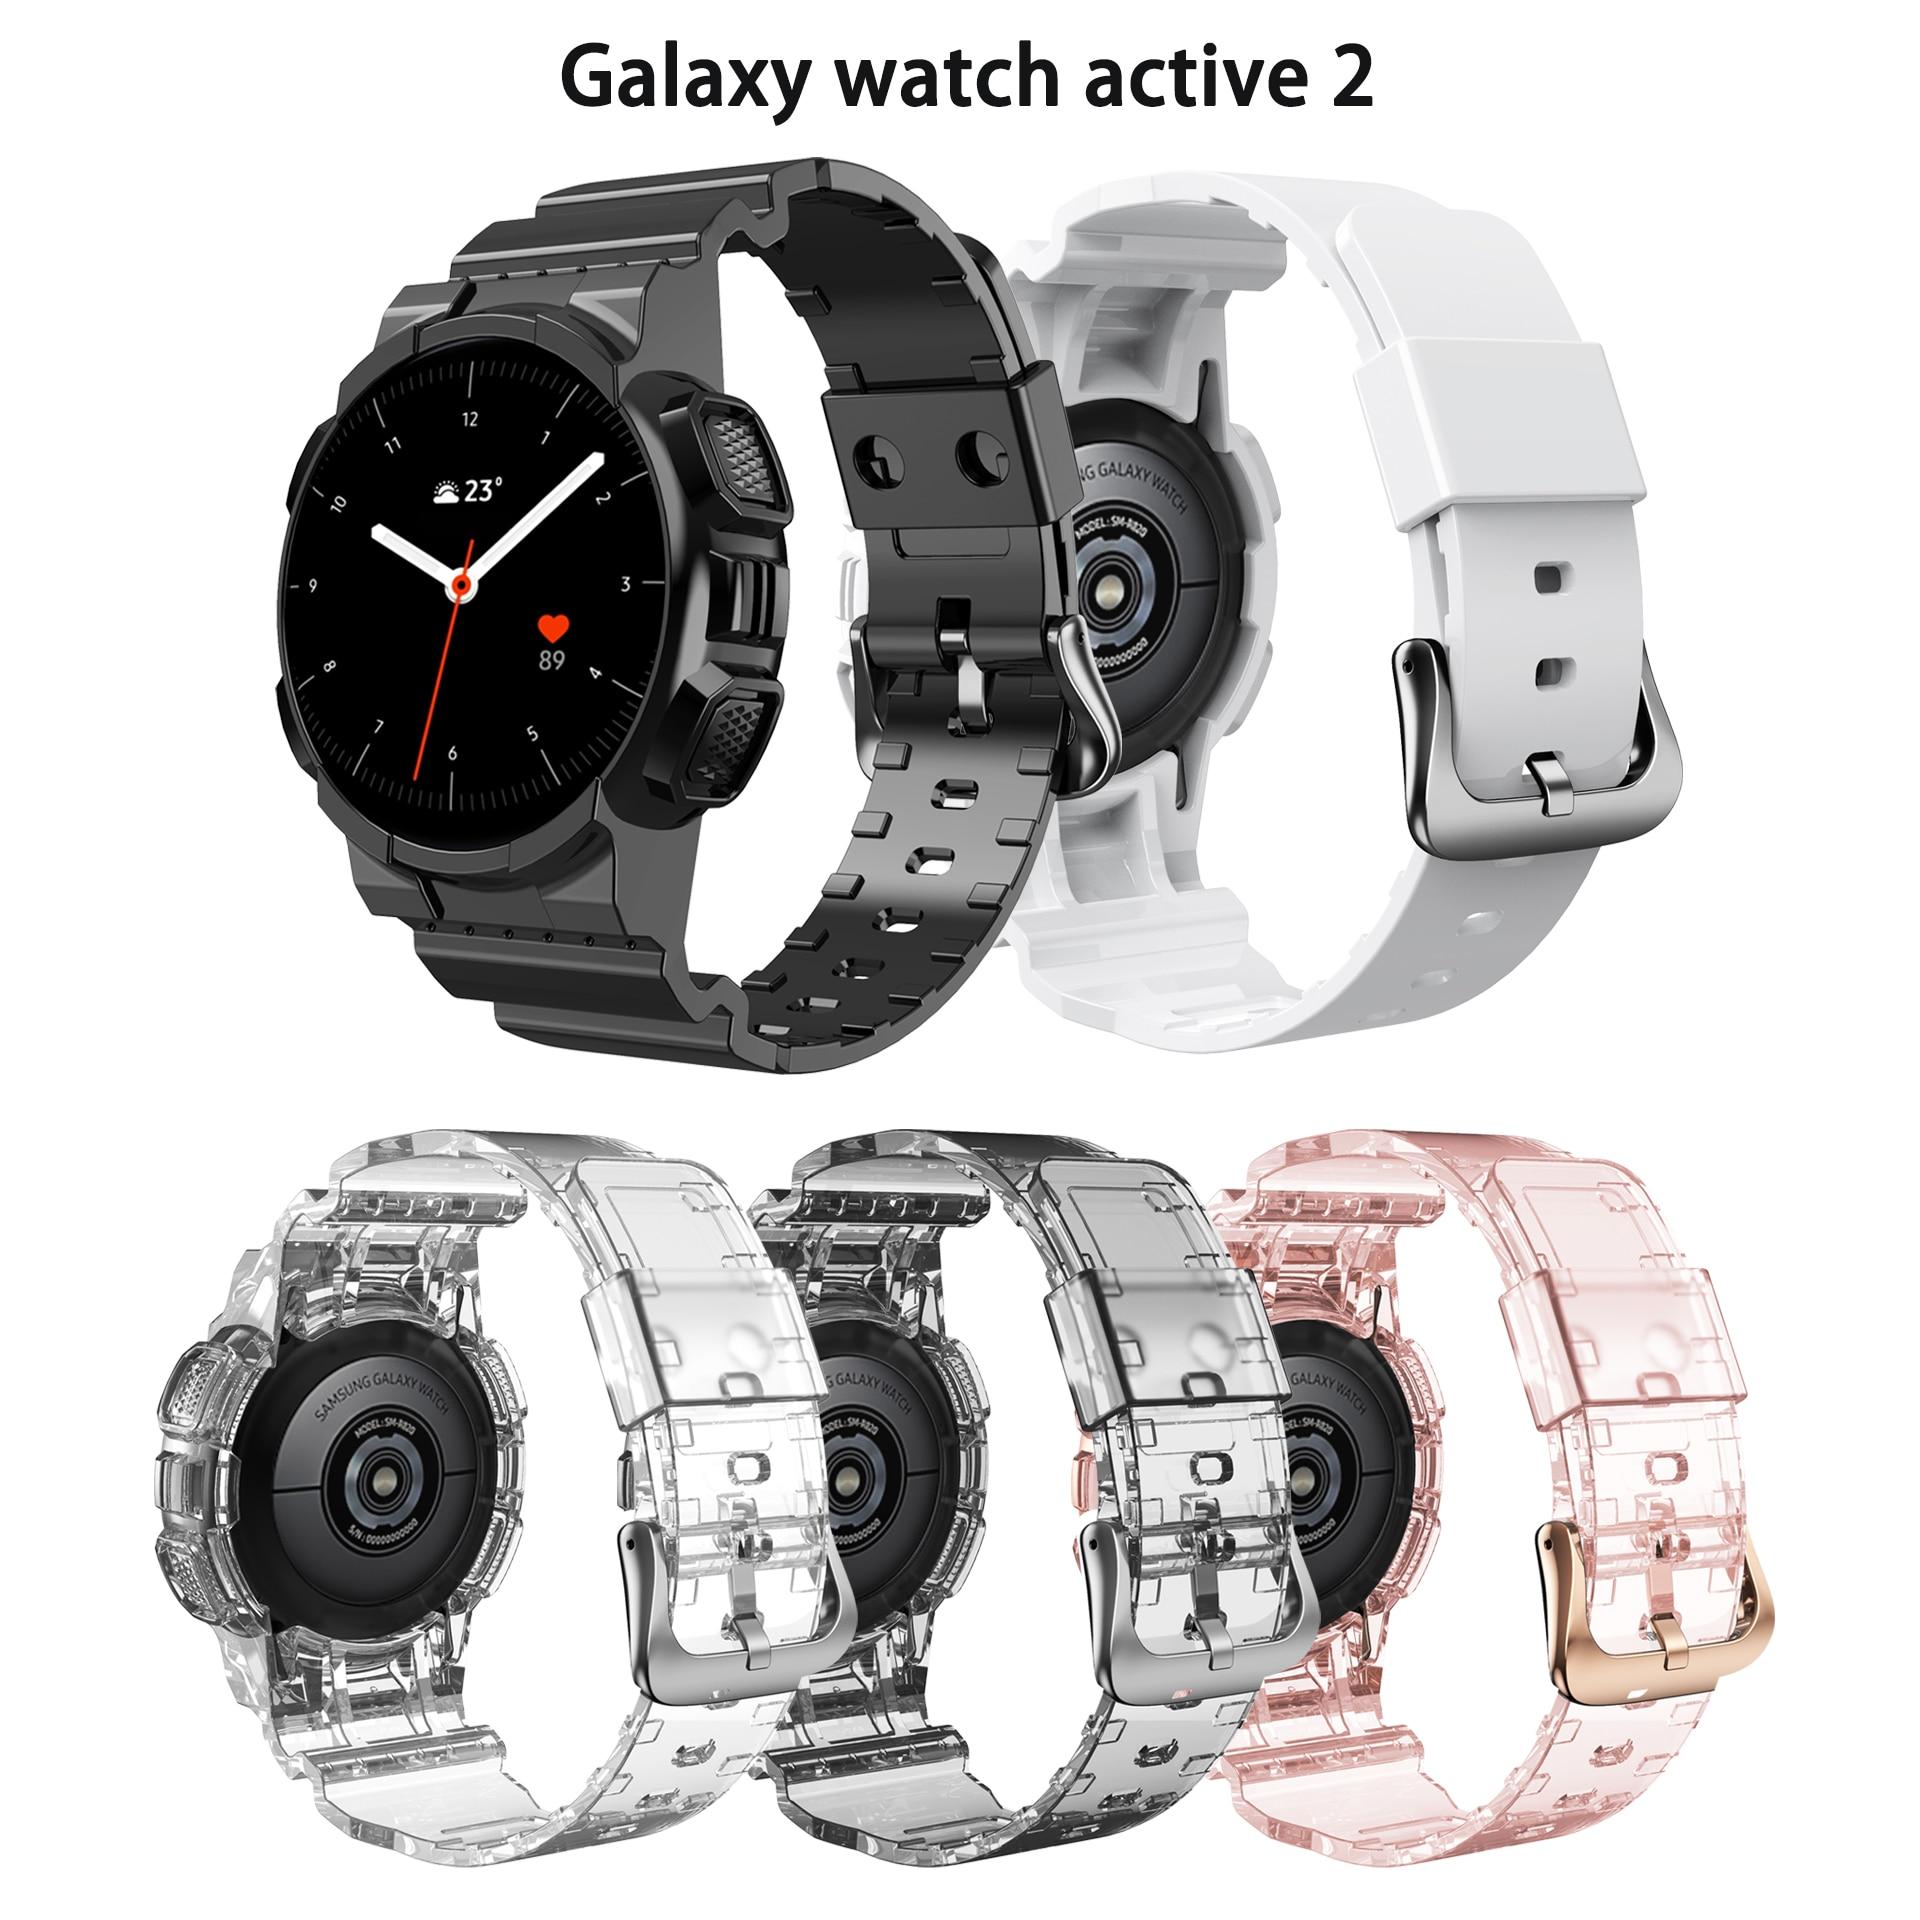 ТПУ ремешок для Samsung Galaxy Active 2 новейший спортивный ремешок прозрачный ремешок для часов + чехол для Galaxy Active 2 40 44 мм браслет